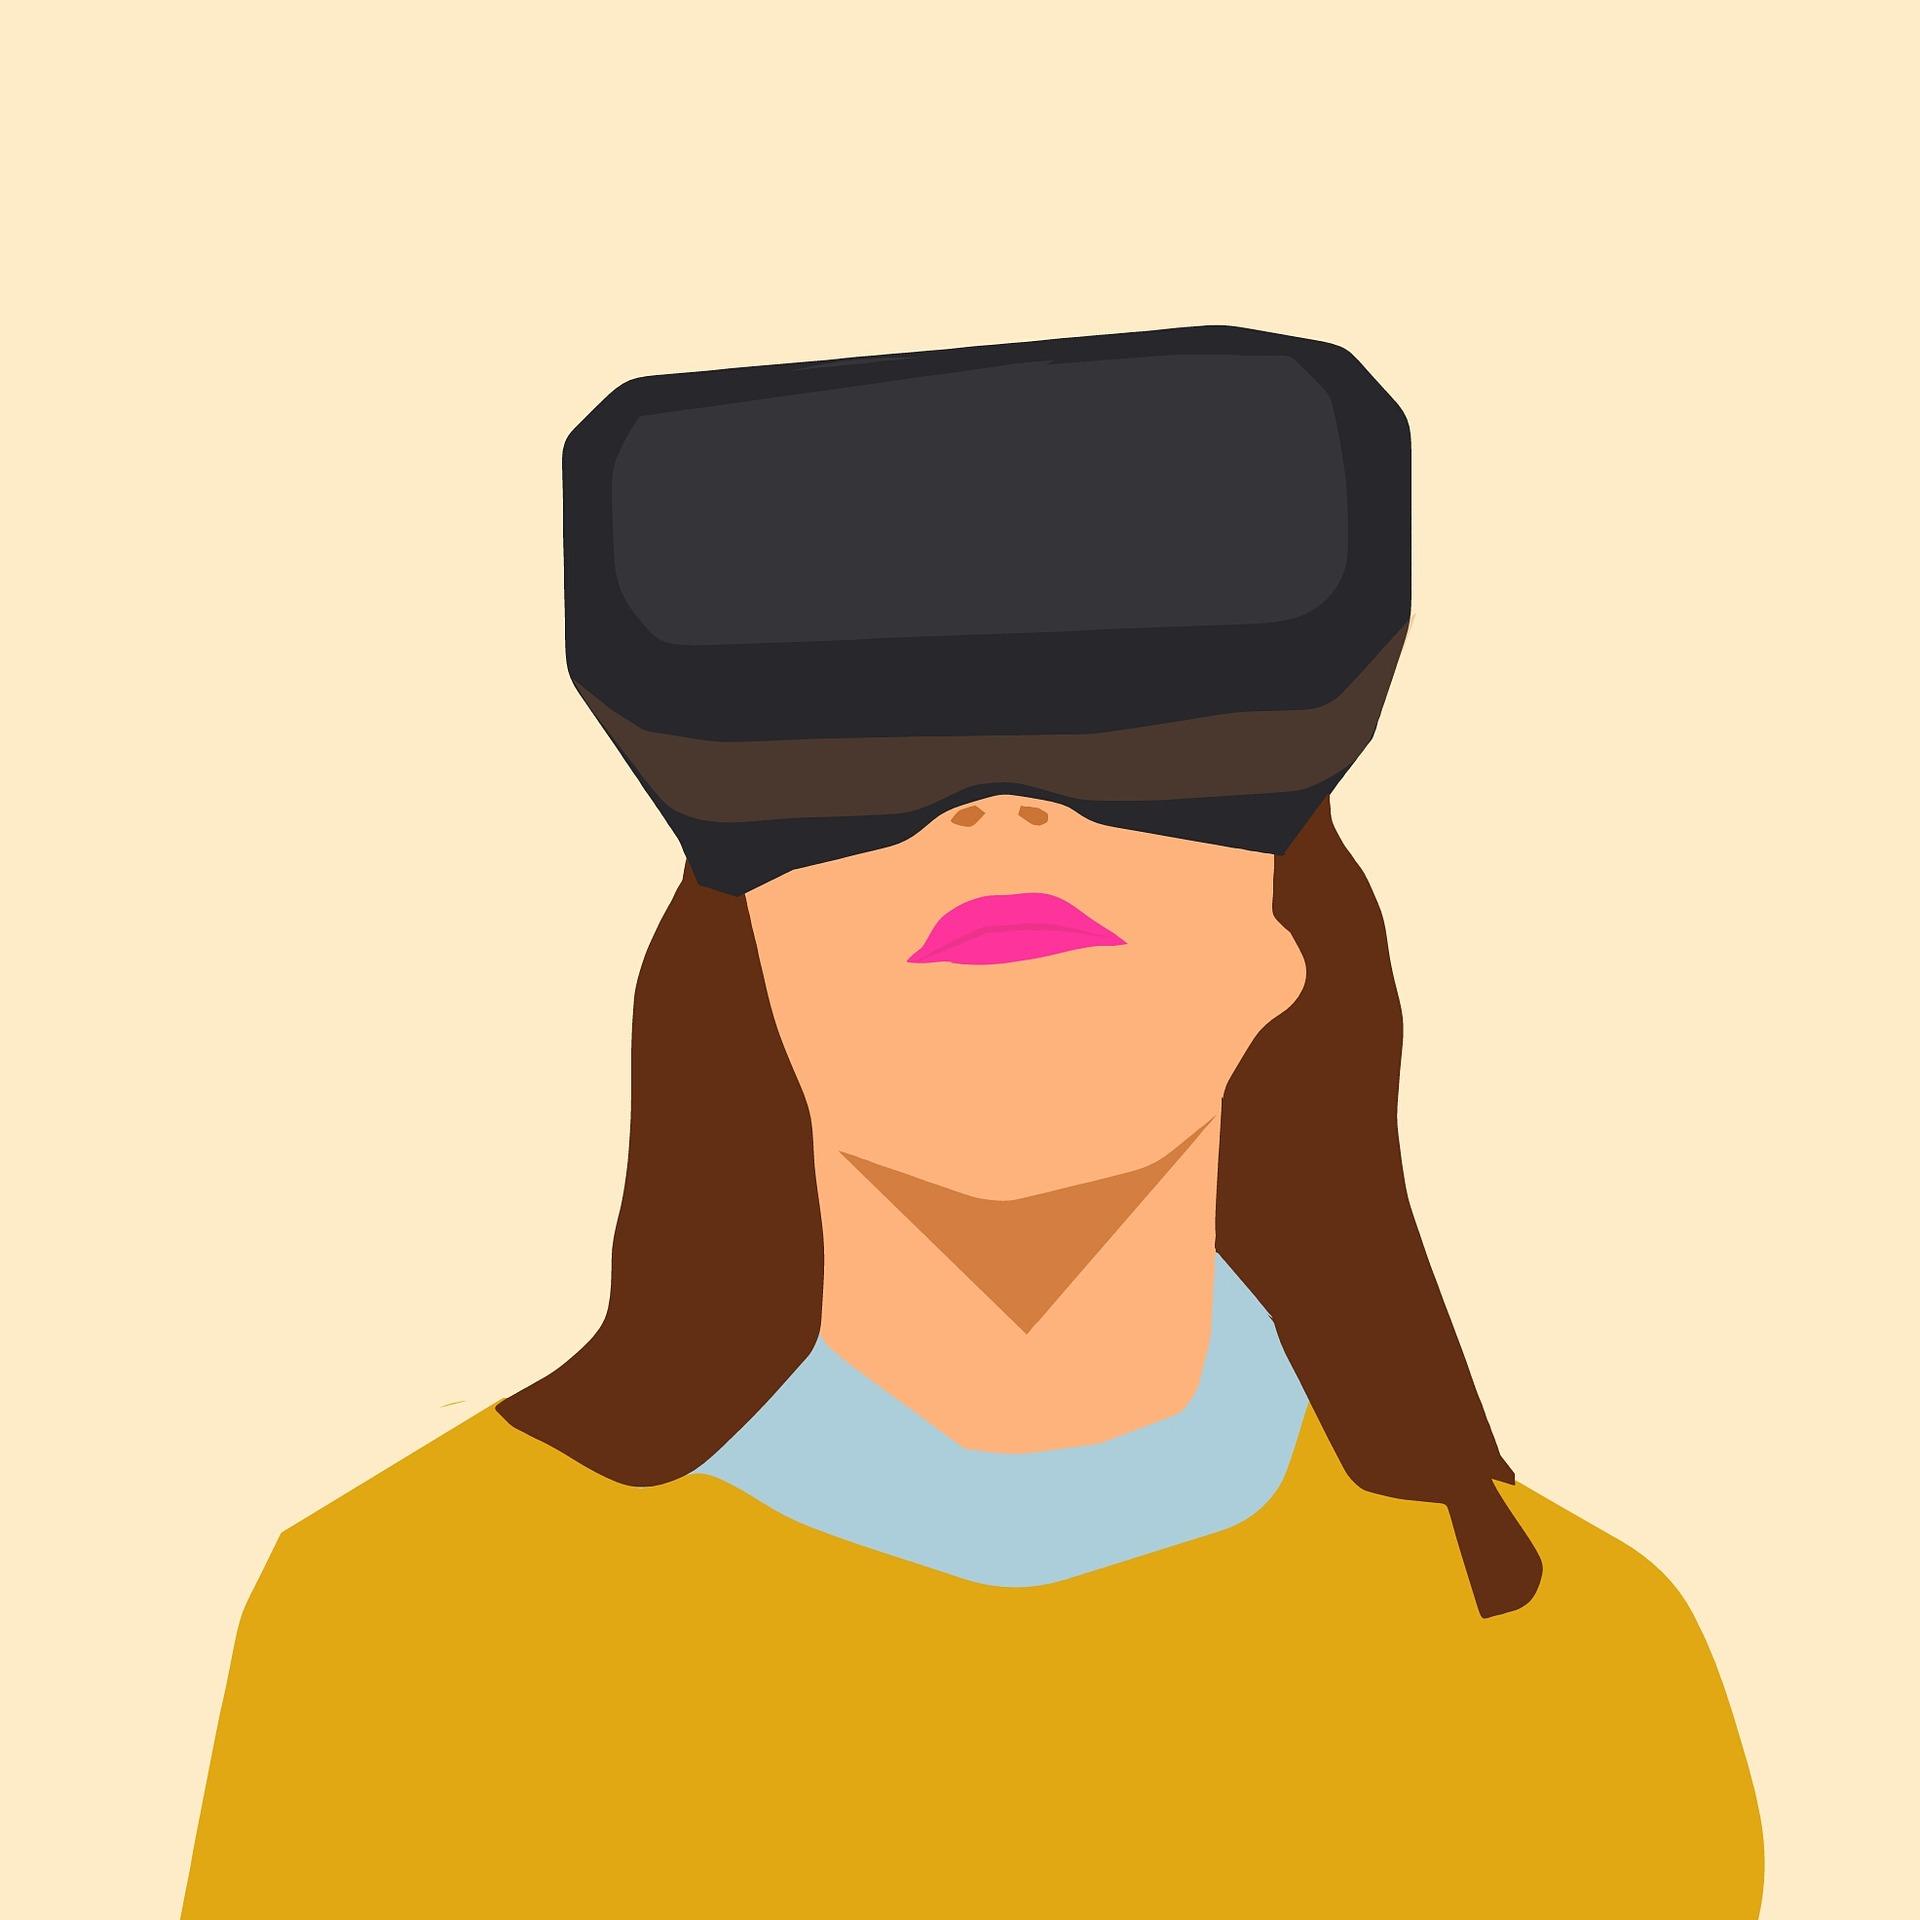 réalité virturelle vr